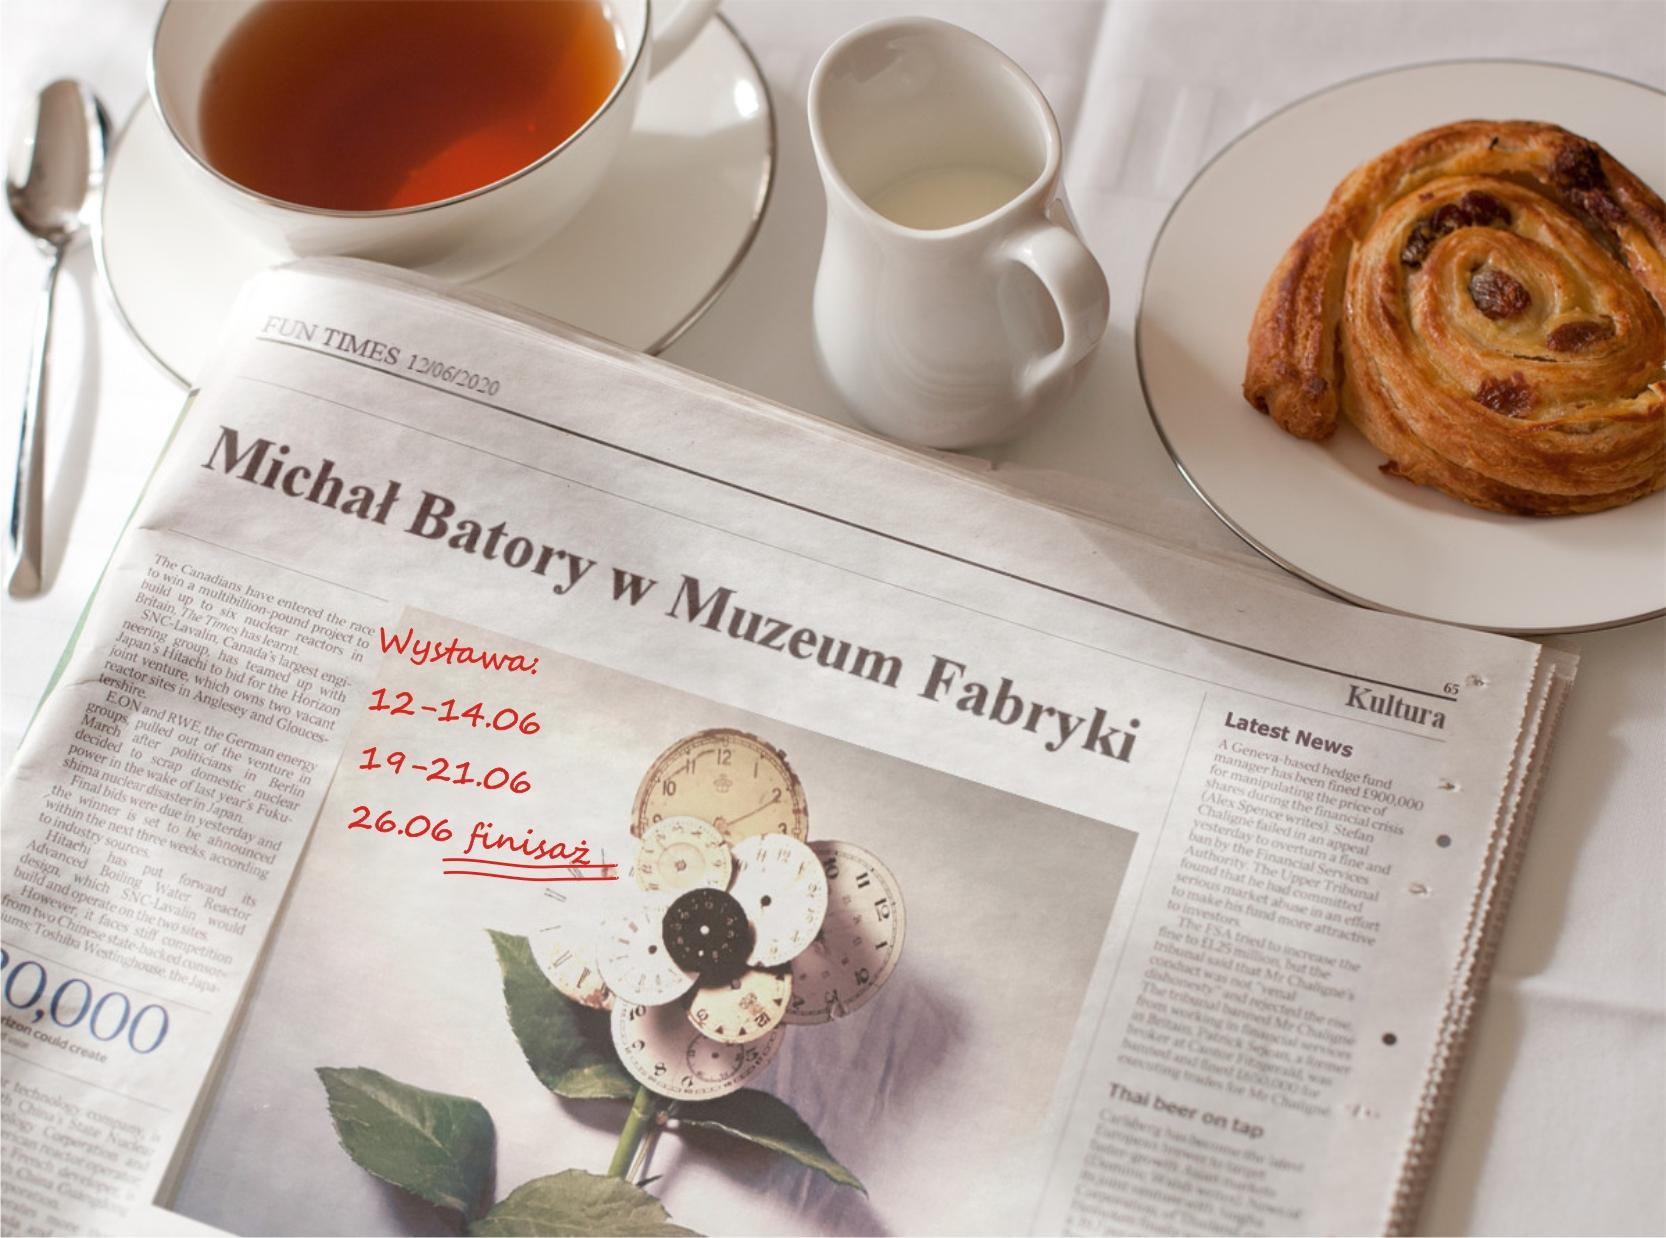 Michał Batory w Muzeum Fabryki